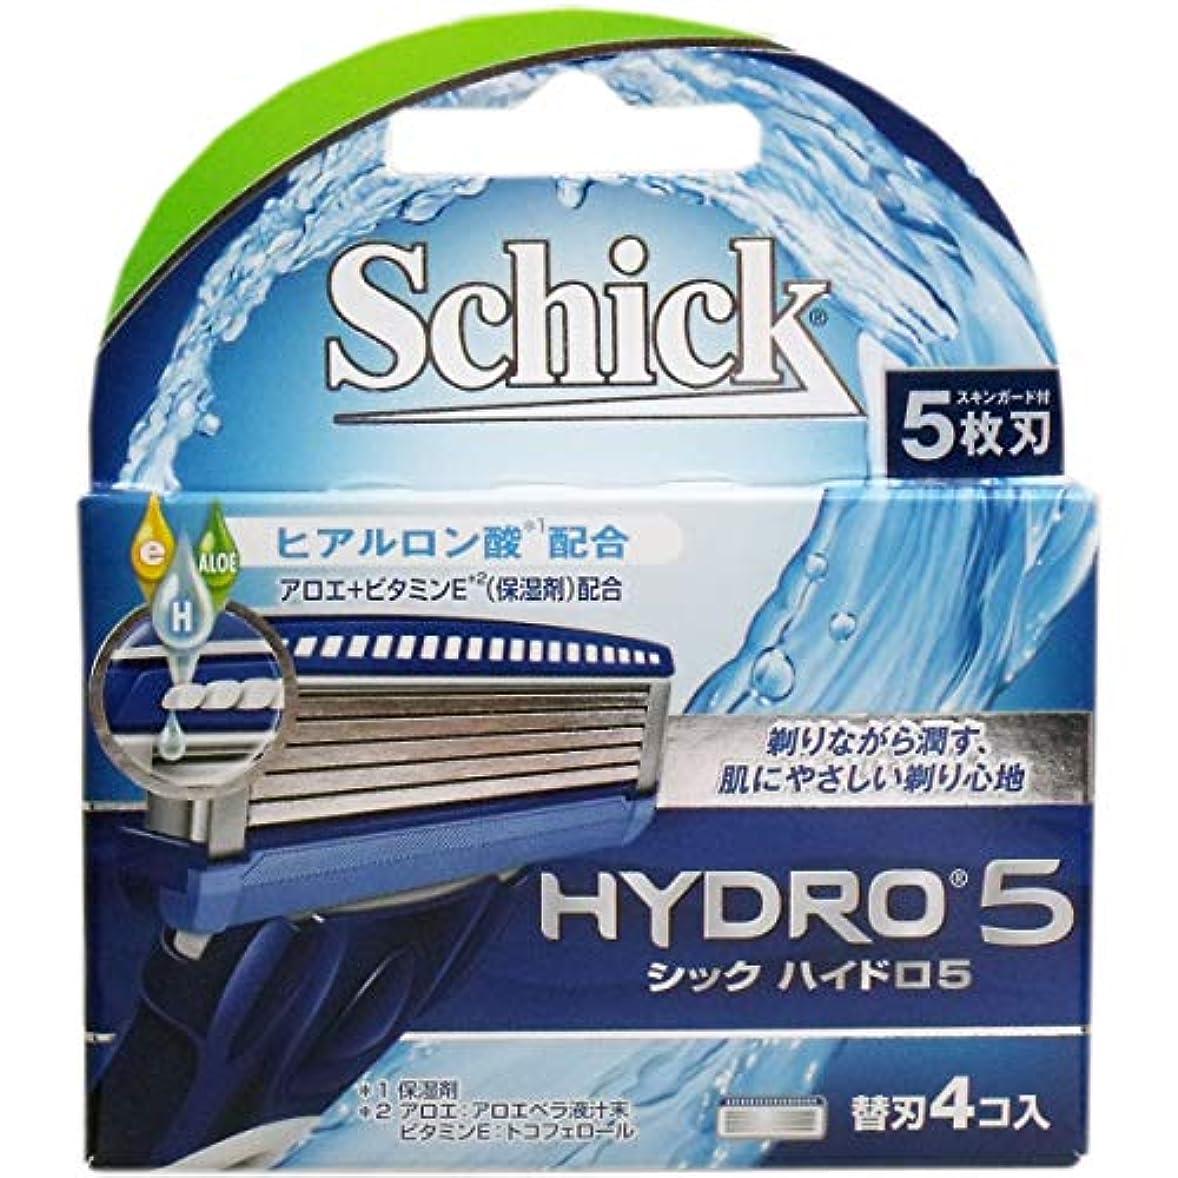 マイナス該当するマイナーシック ハイドロ5 替刃 4個入×10個セット